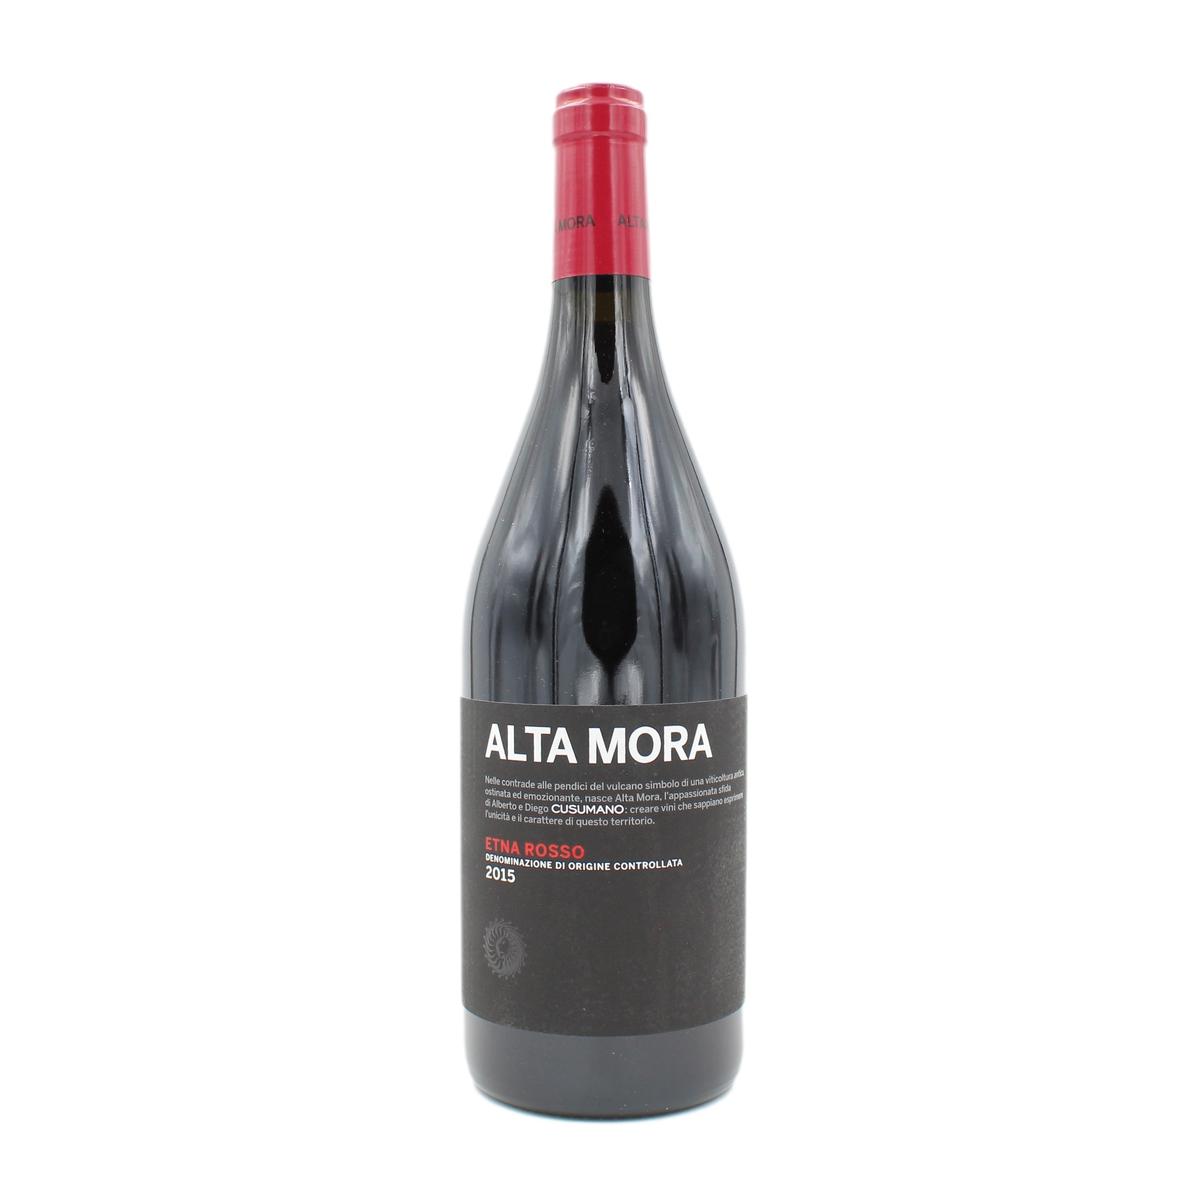 Alta Mora Etna Rosso 2015 Cusumano